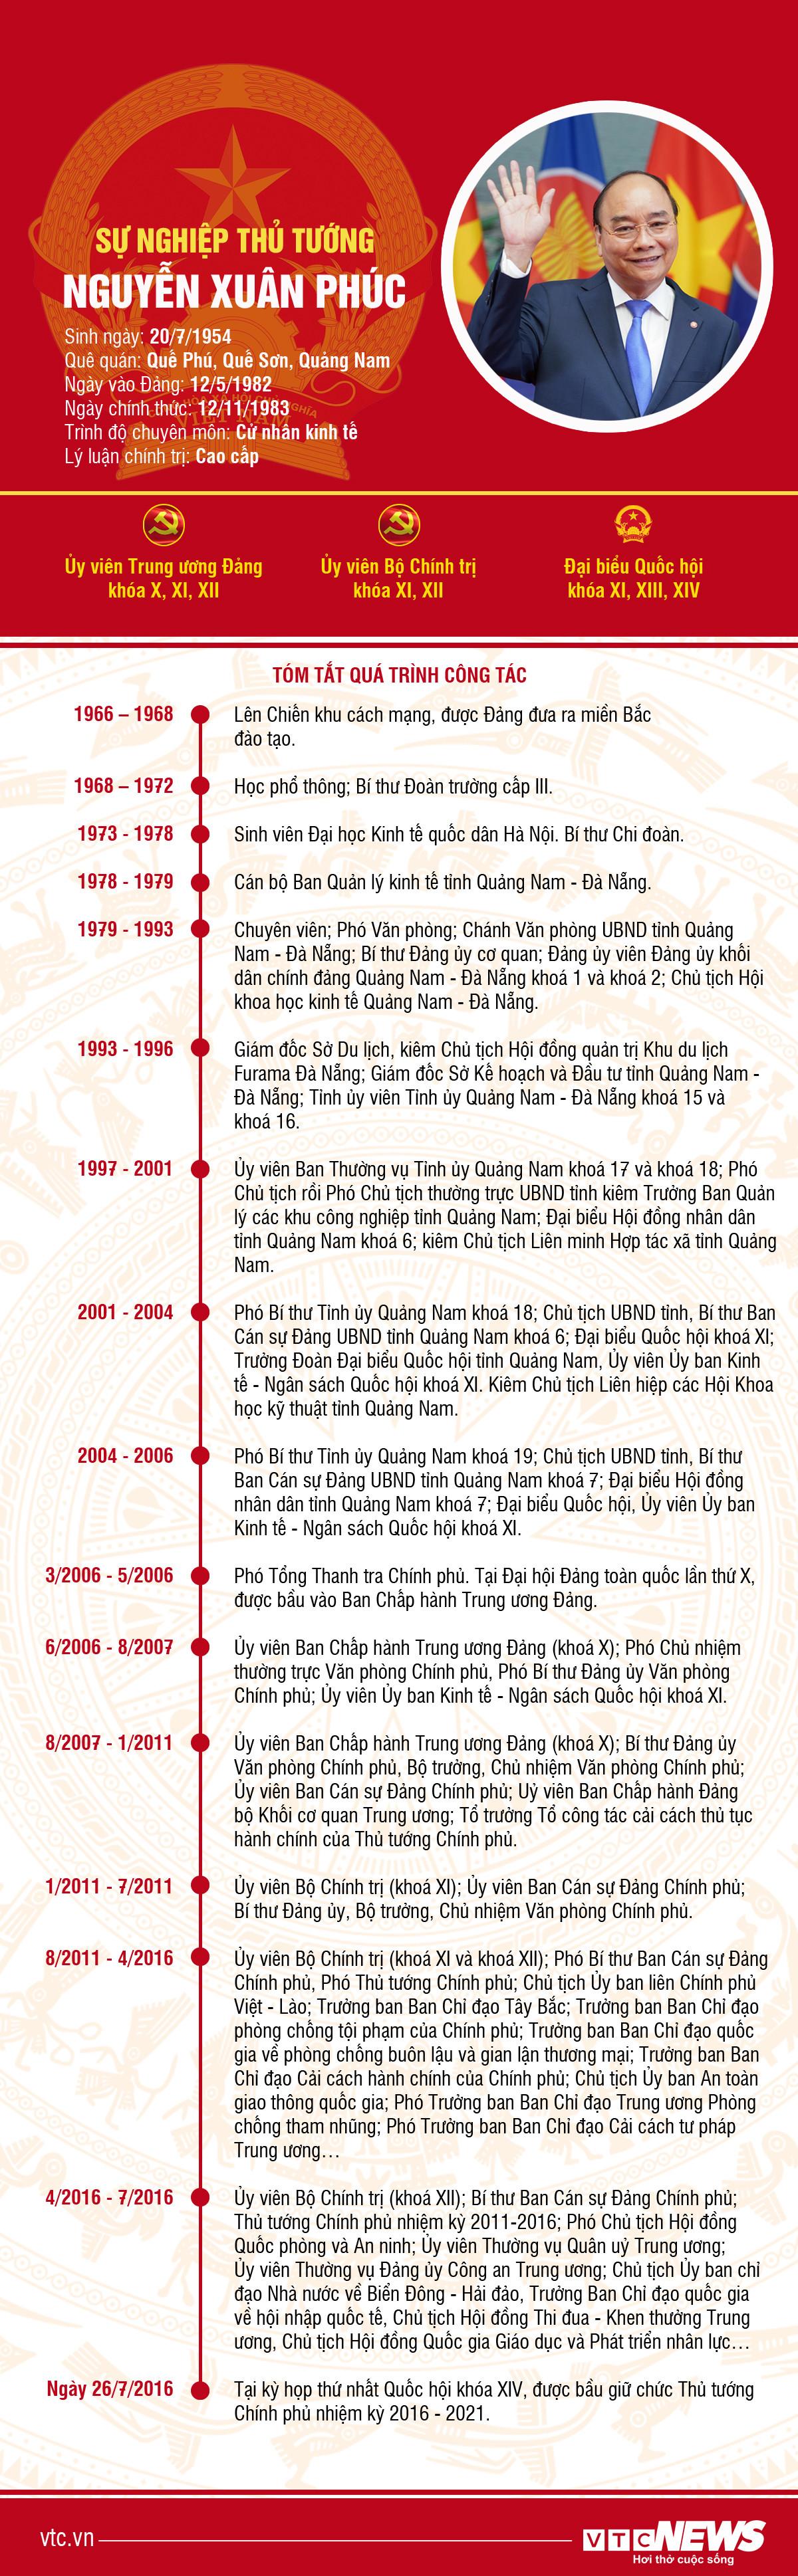 Infographic: Sự nghiệp Thủ tướng Nguyễn Xuân Phúc - 1